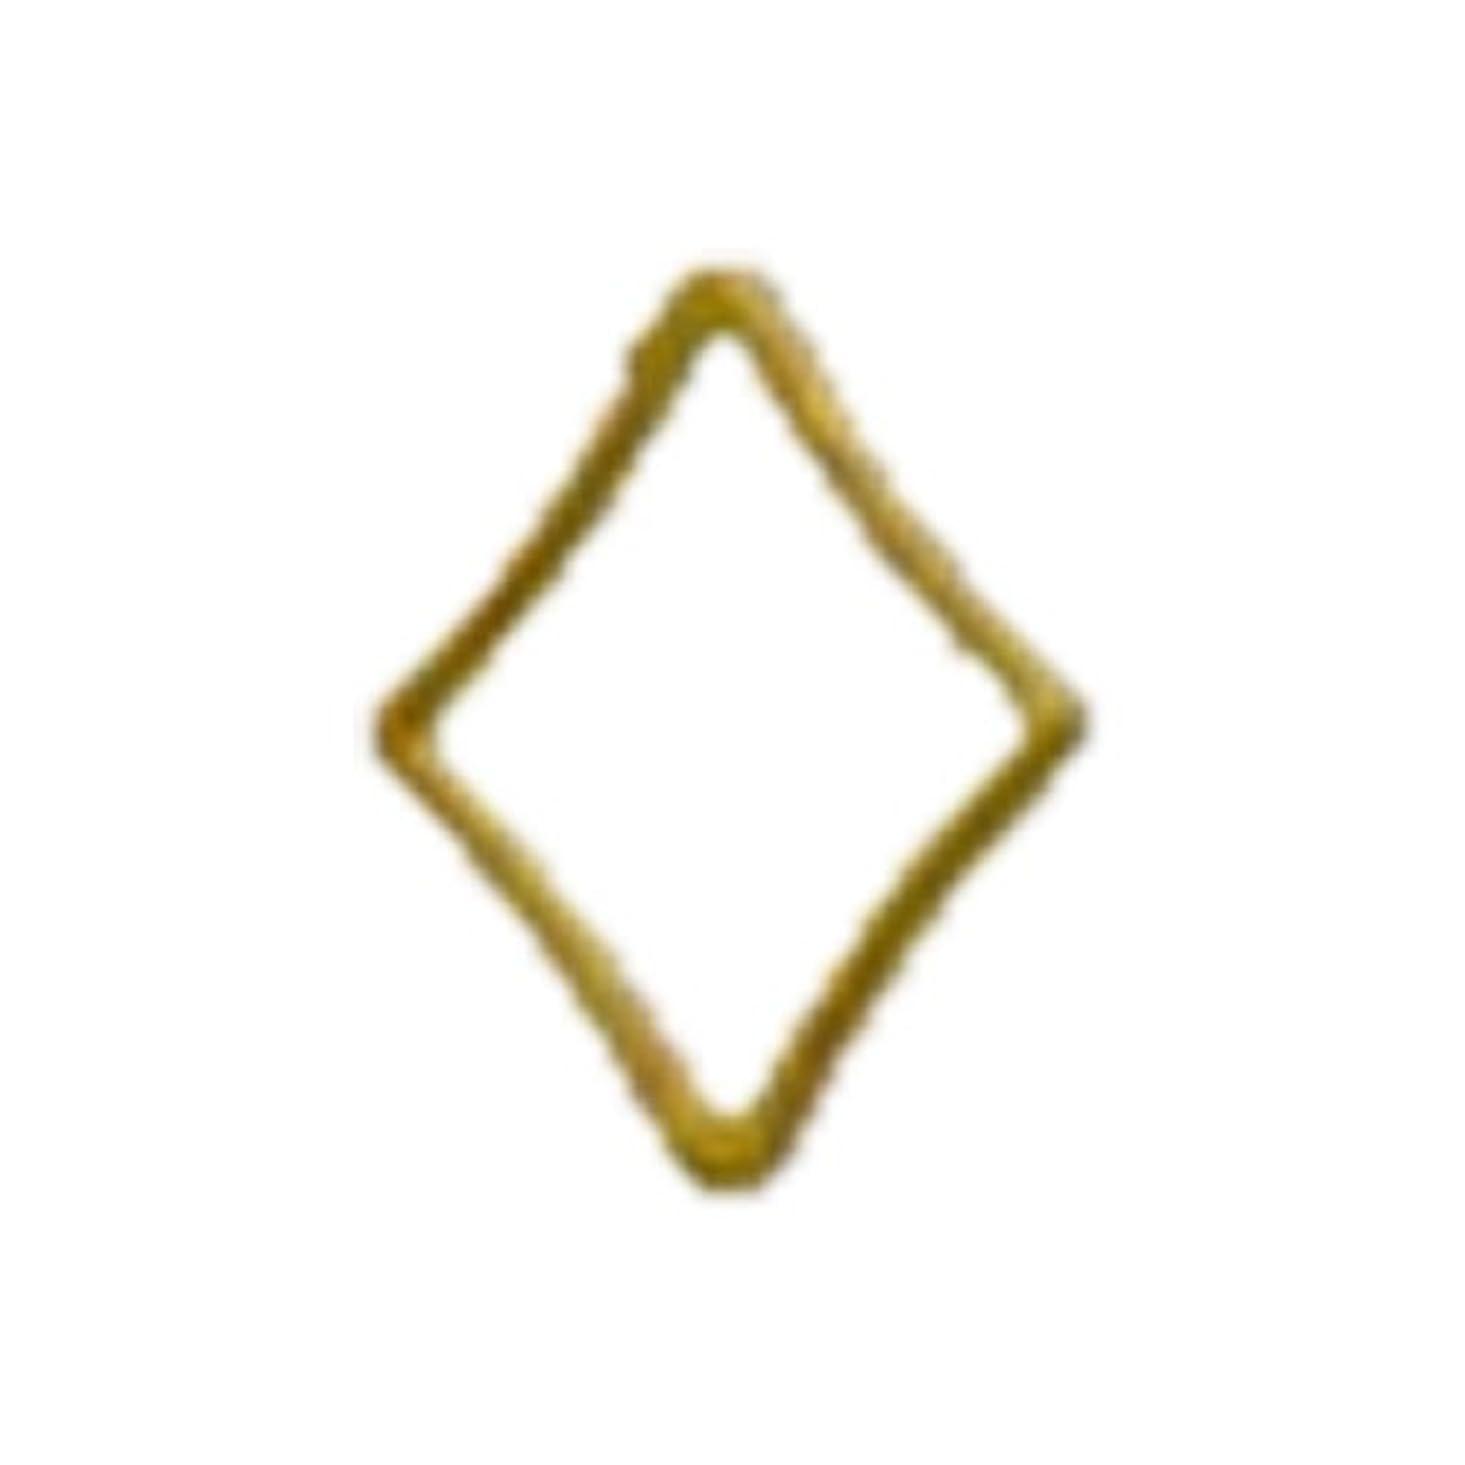 モール驚いた変えるリトルプリティー ネイルアートパーツ キラキラ 3S ゴールド 20個